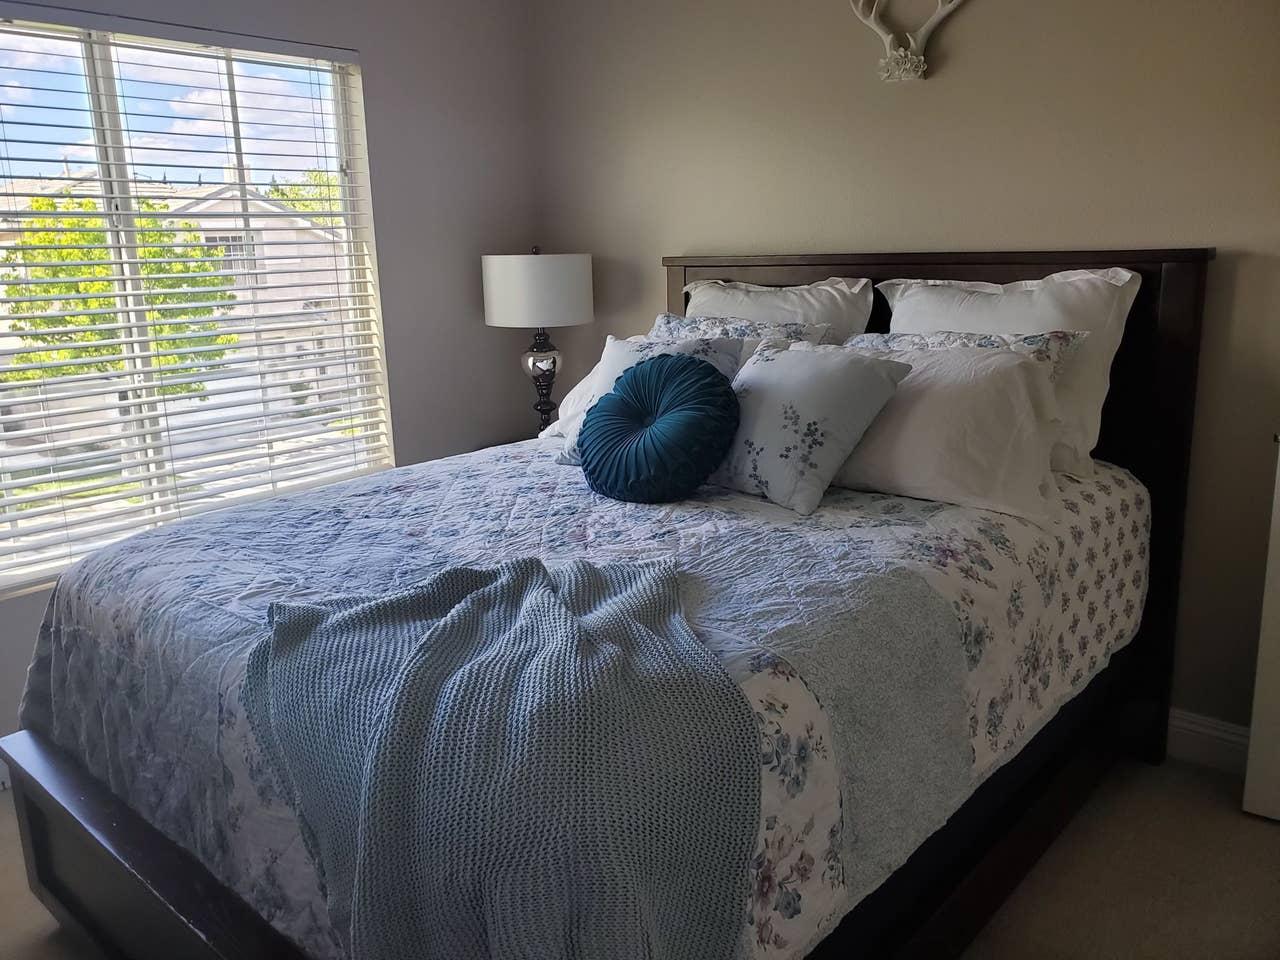 Private Room airbnb Las Vegas